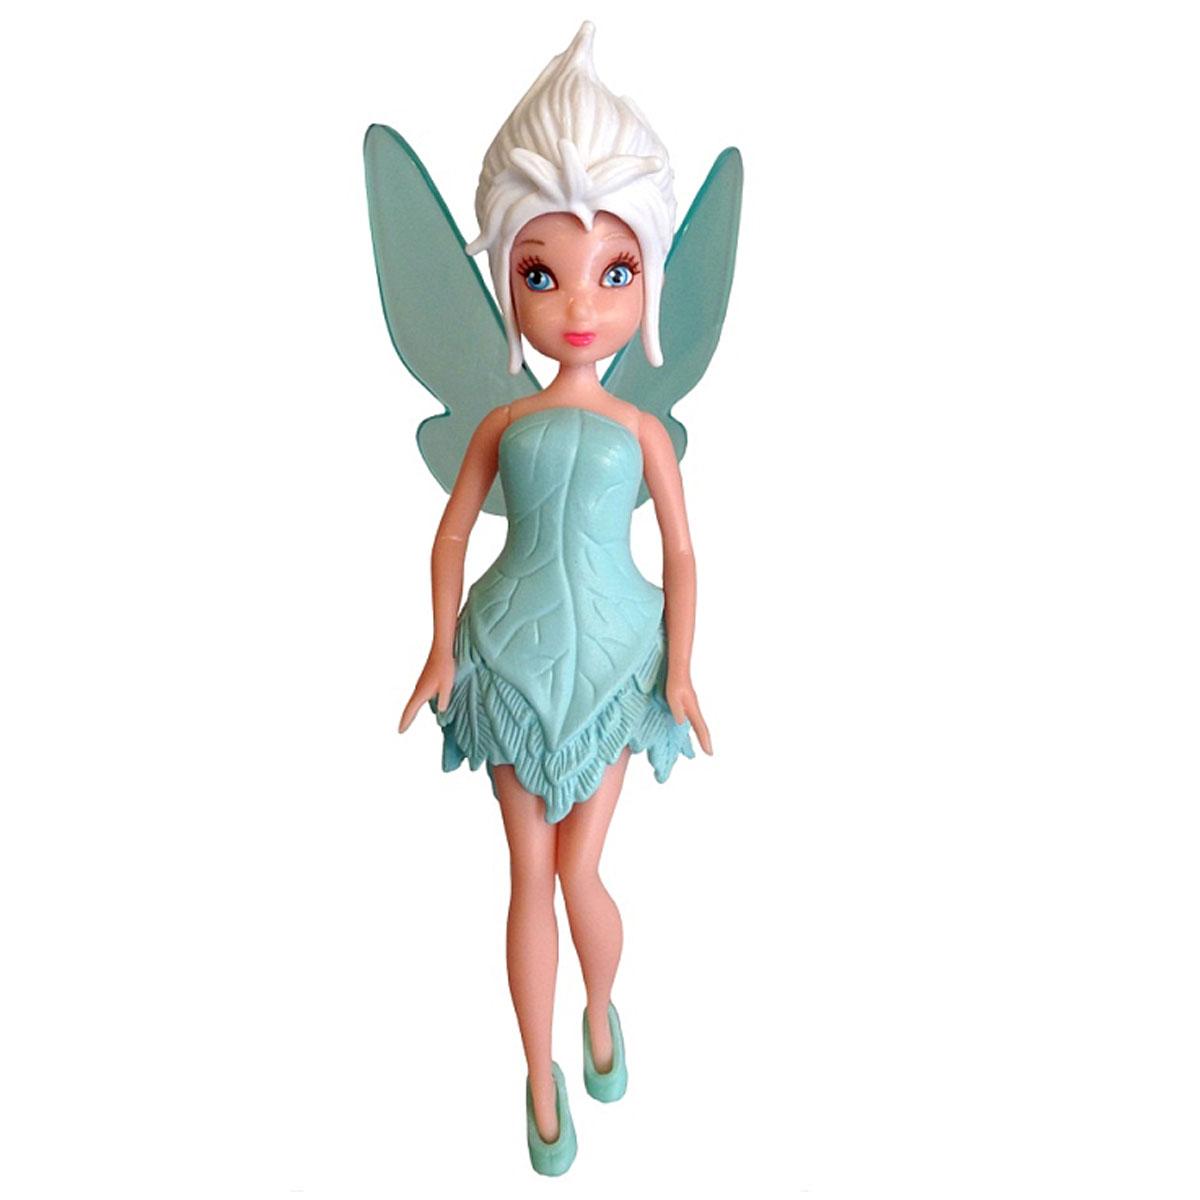 Disney Fairies Кукла Фея Periwinkle747580Фигурка Disney Fairies Фея привлечет внимание любой девочки. Фигурка выполнена из прочного высококачественного пластика в виде очаровательной феи из мультфильмов Диснея. Голова, ручки и ножки фигурки подвижны, а платье и туфельки съемные, что позволяет комбинировать наряды. За спиной у феи - полупрозрачные крылышки. Феи Disney - сказочные героини, которые живут в гармонии с природой, их жизнь полна захватывающих приключений и интересных открытий. Ваш ребенок часами будет играть с этой фигуркой, придумывая различные истории. Высокое качество исполнения порадует маленьких и взрослых коллекционеров, и такая фигурка займет достойное место в любой коллекции. Небольшие размеры фигурки позволят брать ее с собой на прогулку. Порадуйте своего ребенка таким замечательным подарком!